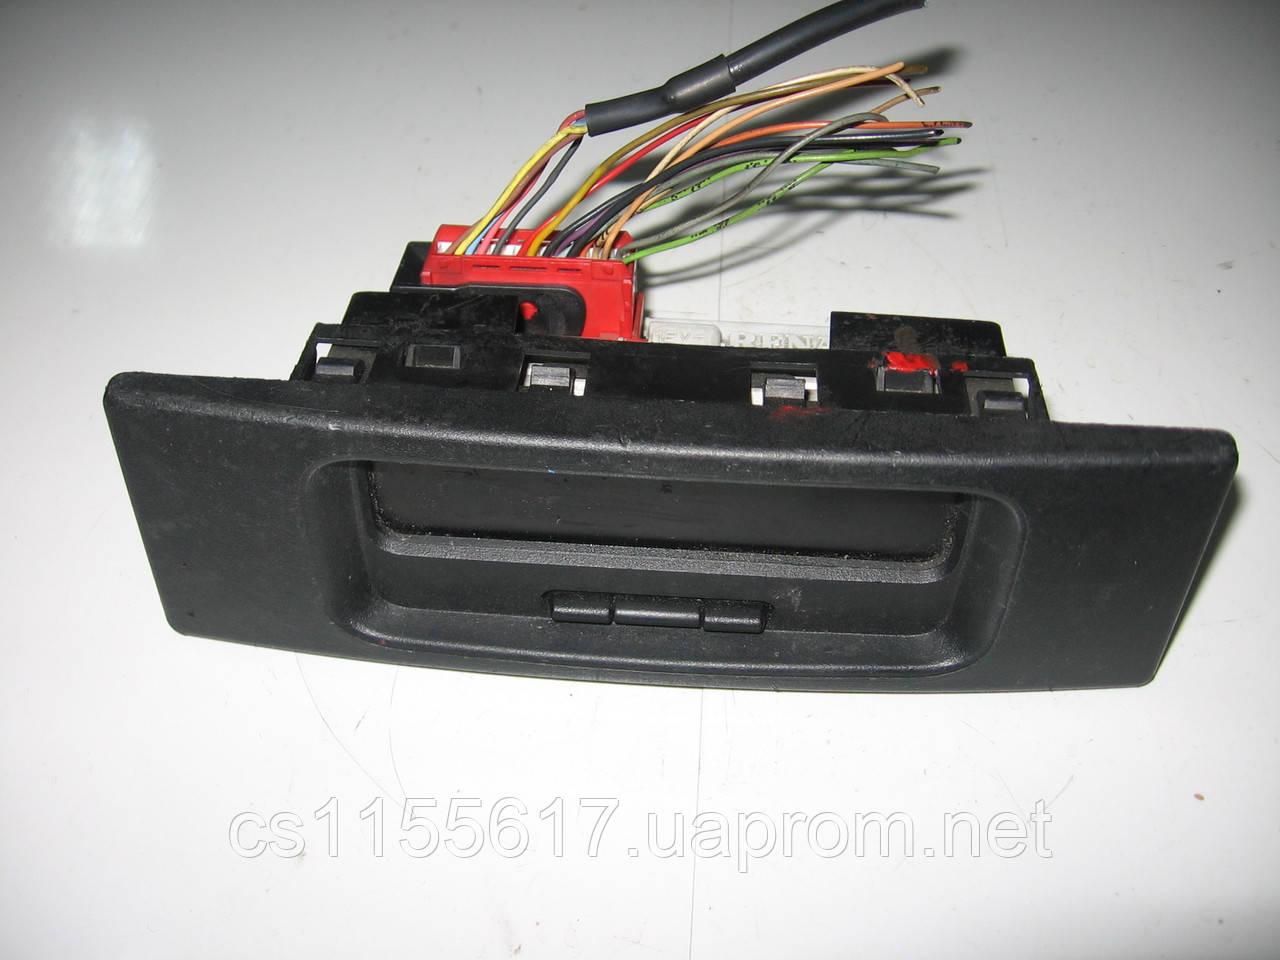 Інформаційний дисплей (годинник) 8200107839 б/у на Renault Master 2, Mascot, Trafic 2, Kangoo, Clio 2, Megane2